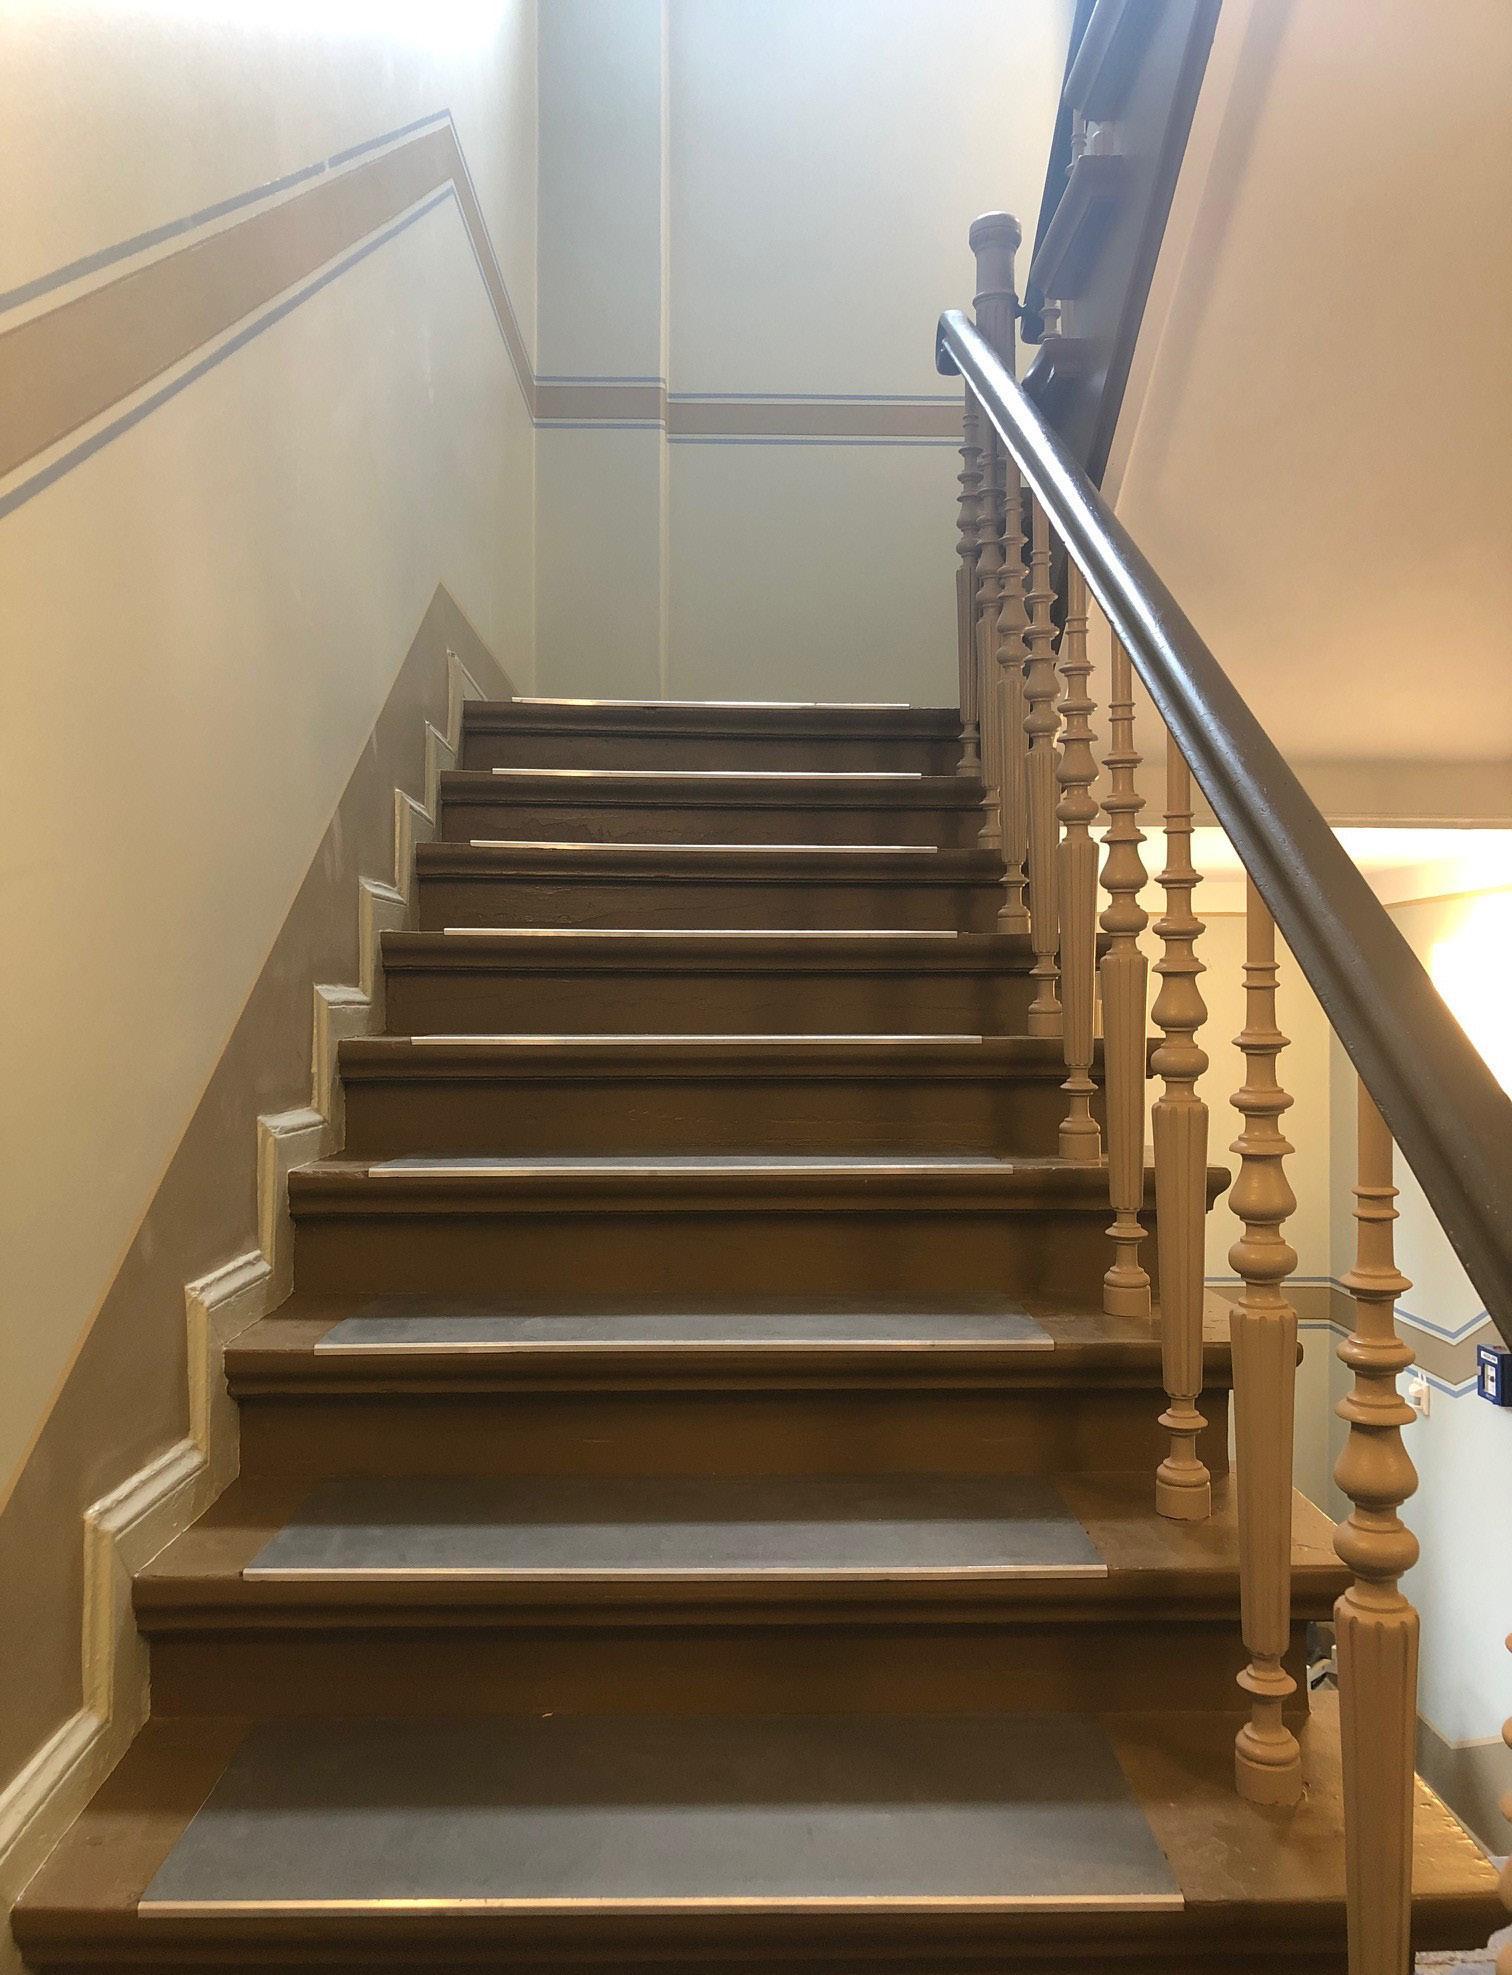 In den Umbau wurde viel Geld investiert. Eine sanierte Treppe im Gebäude.